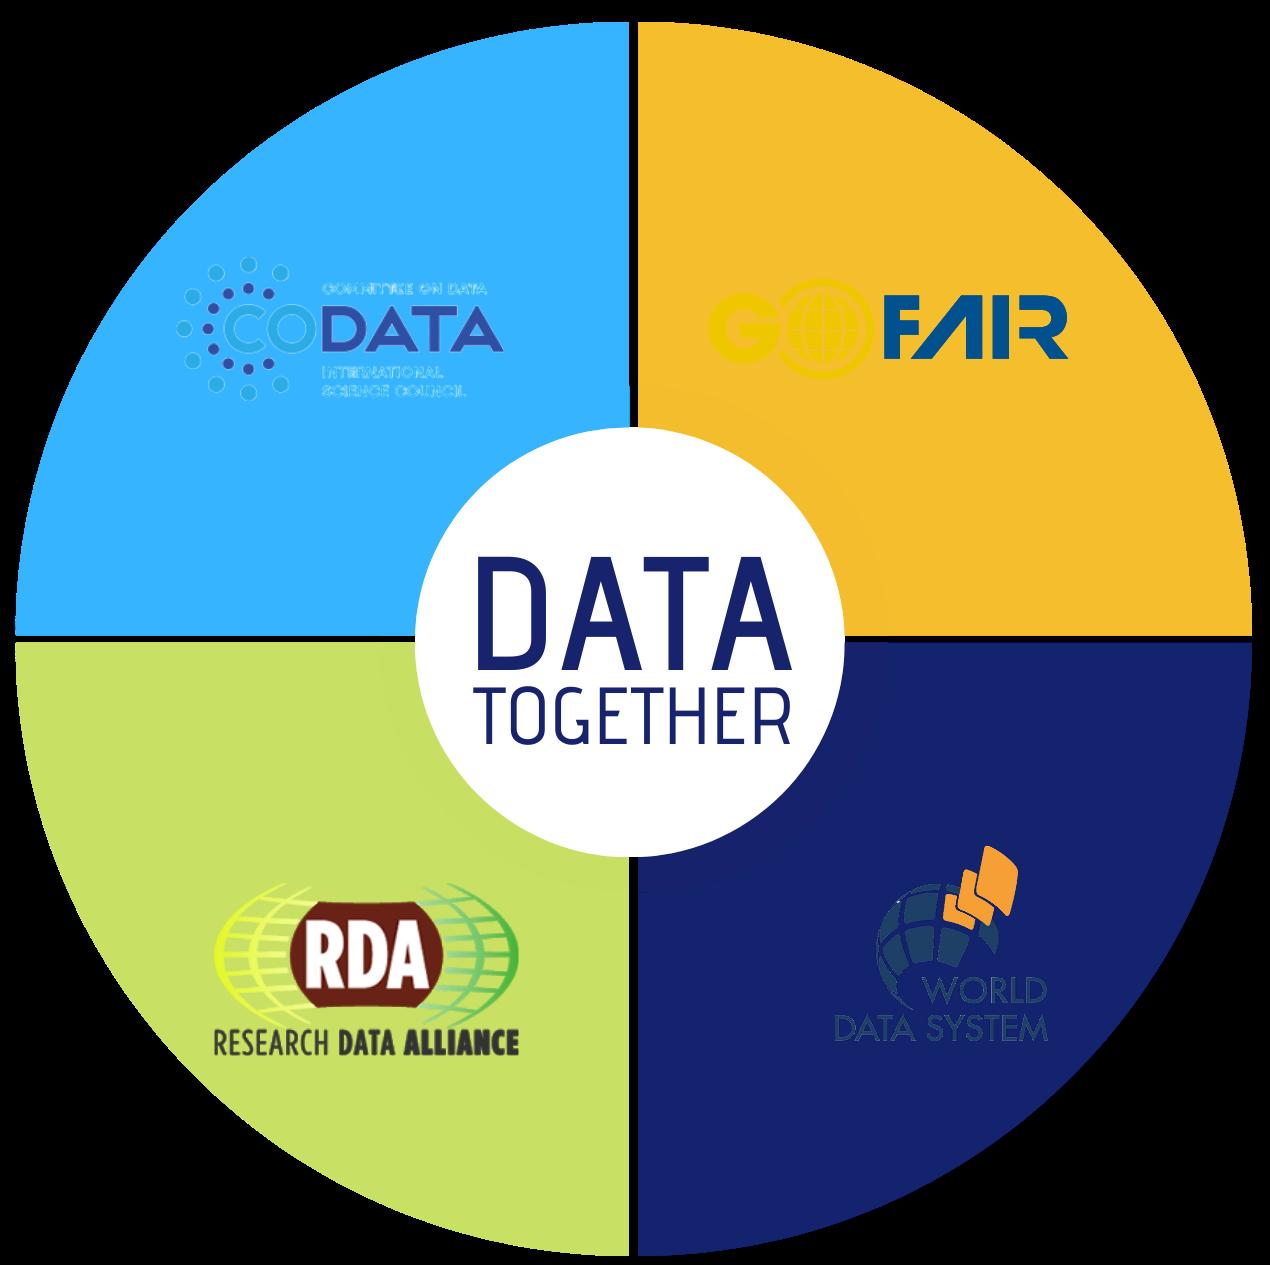 Data together